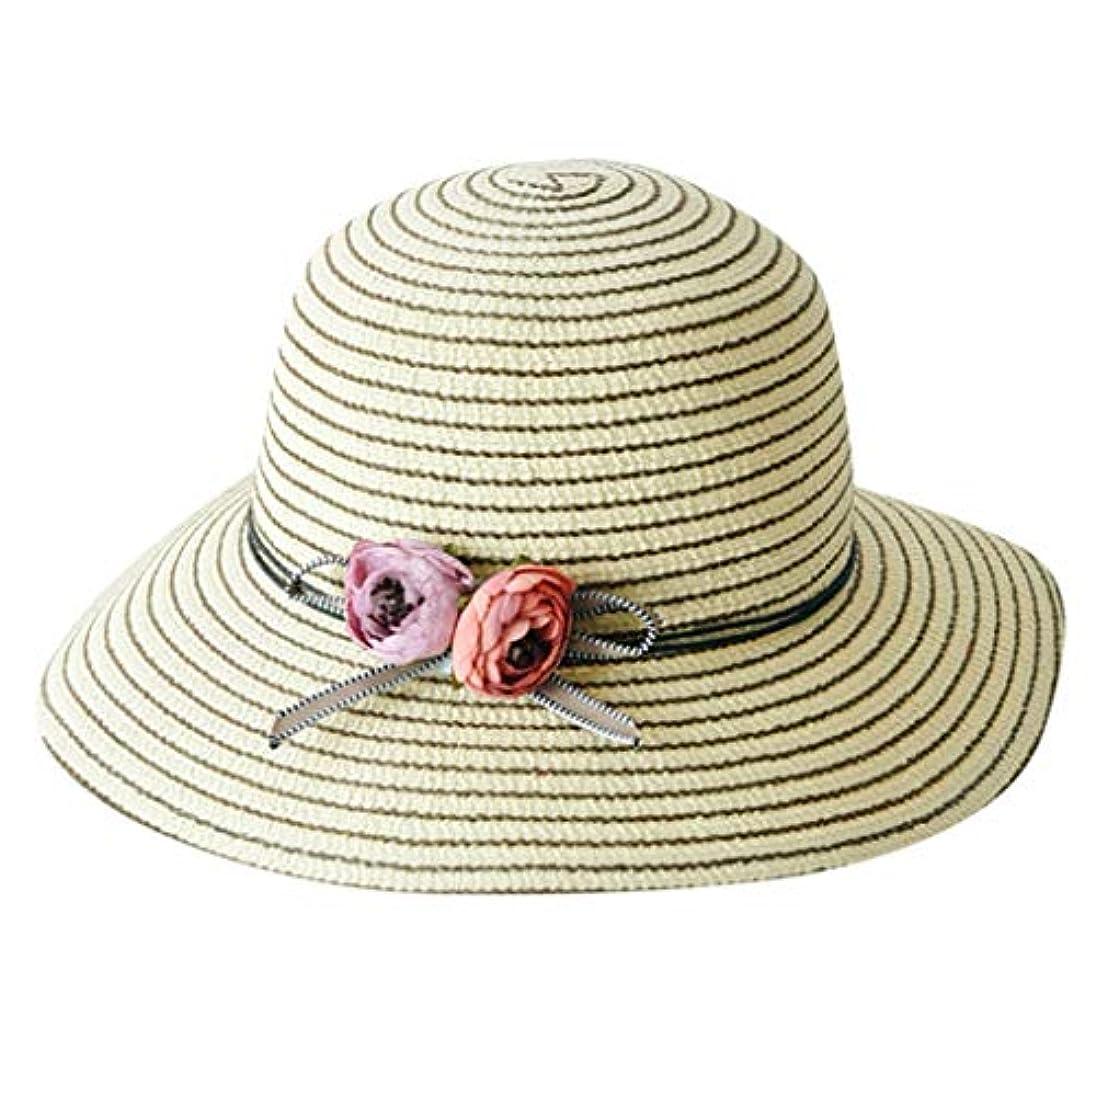 コットン肘掛け椅子安定しました帽子 レディース 漁師帽 夏 UVカット 帽子 綿糸 ハット レディース 紫外線100%カット UV ハット 可愛い 小顔効果抜群 日よけ 折りたたみ つば広 小顔効果抜群 折りたたみ 海 旅行 ROSE ROMAN